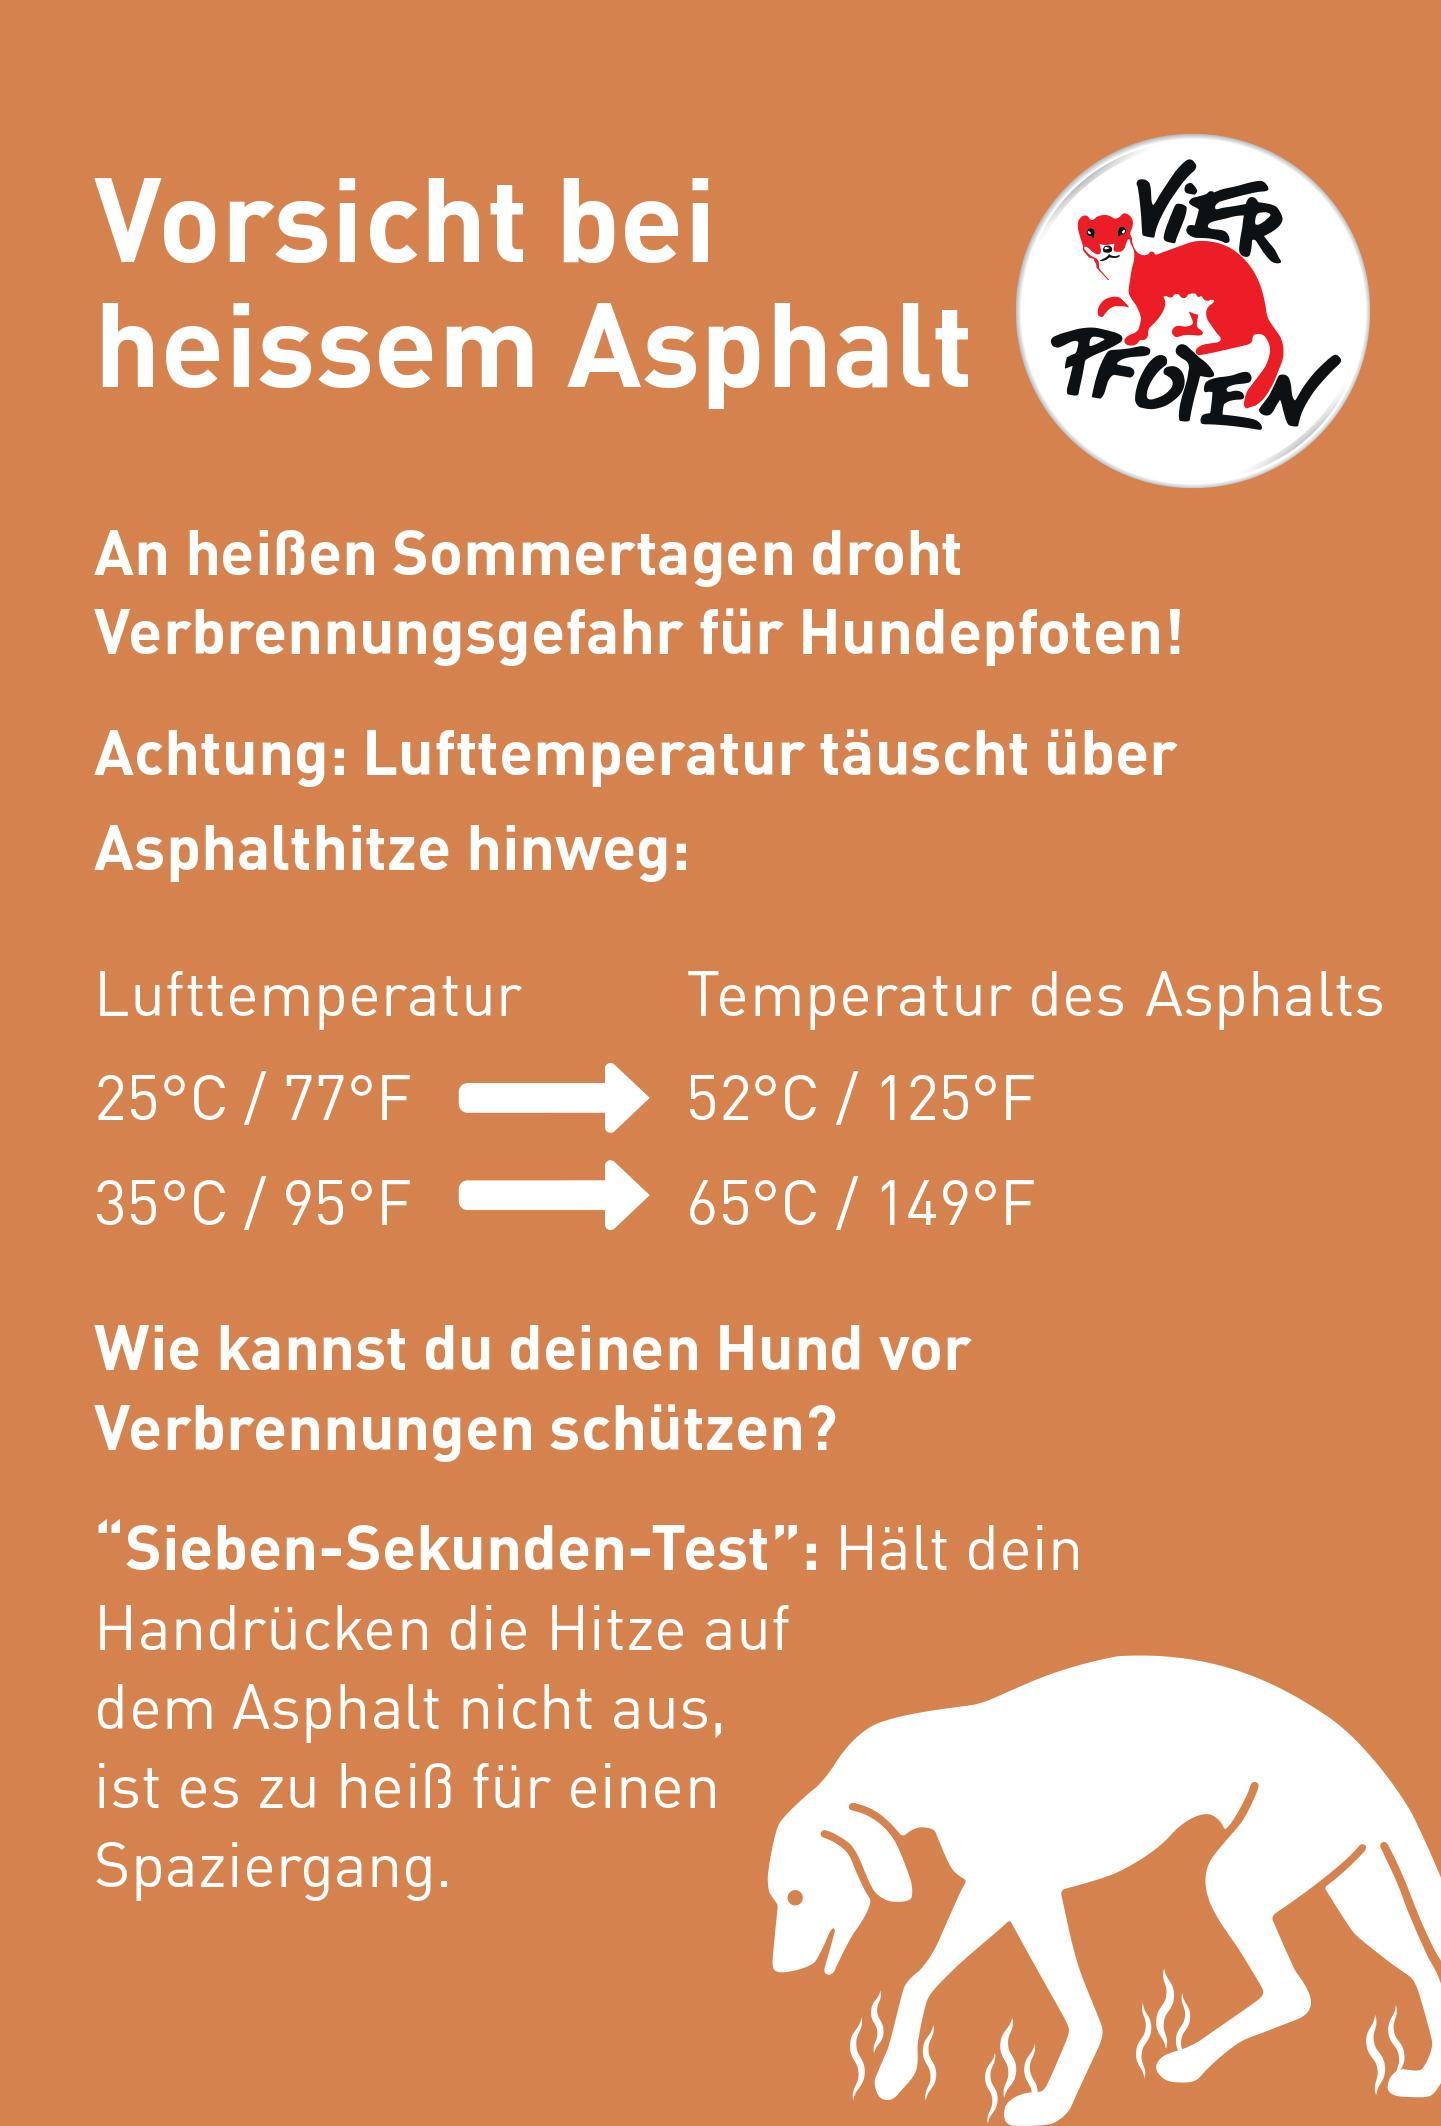 Vorsicht bei heissem Asphalt